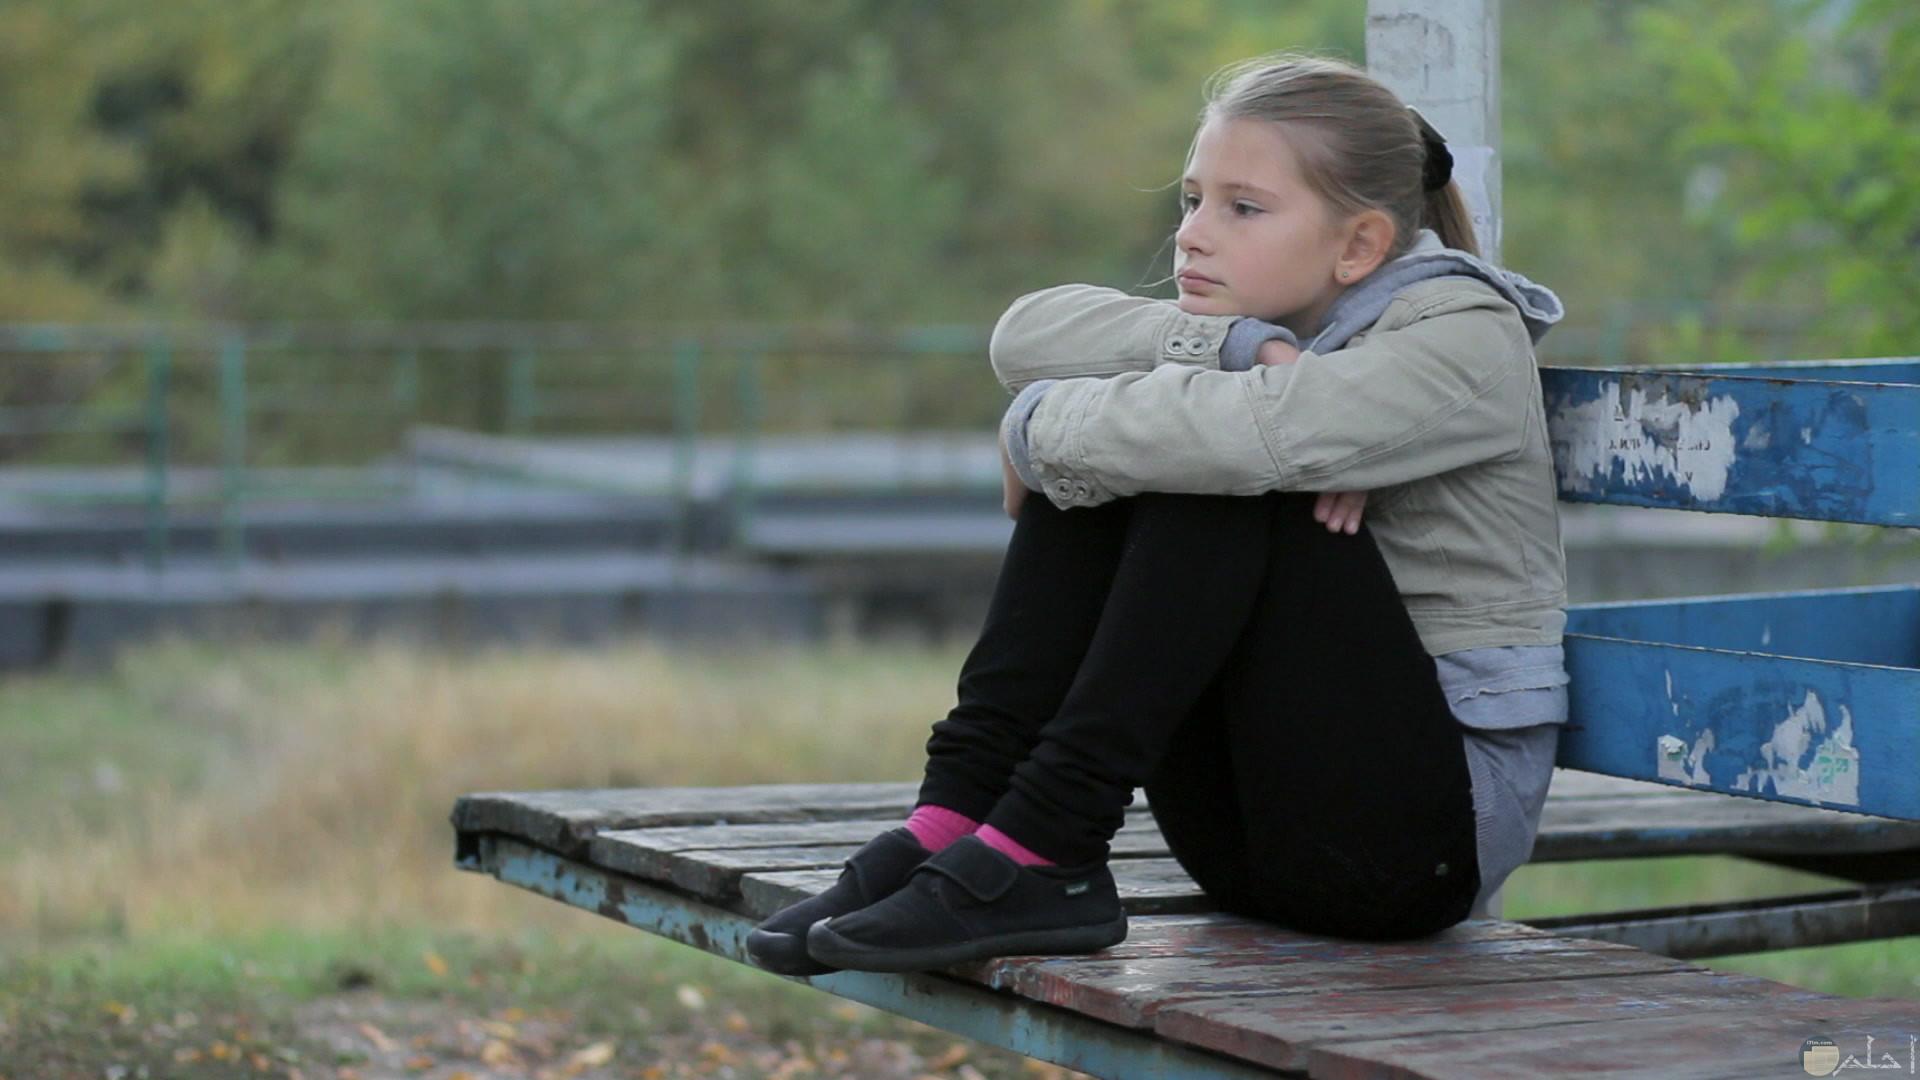 فتاة جالسة بمفردها مربعة يدها زعلانه جدا